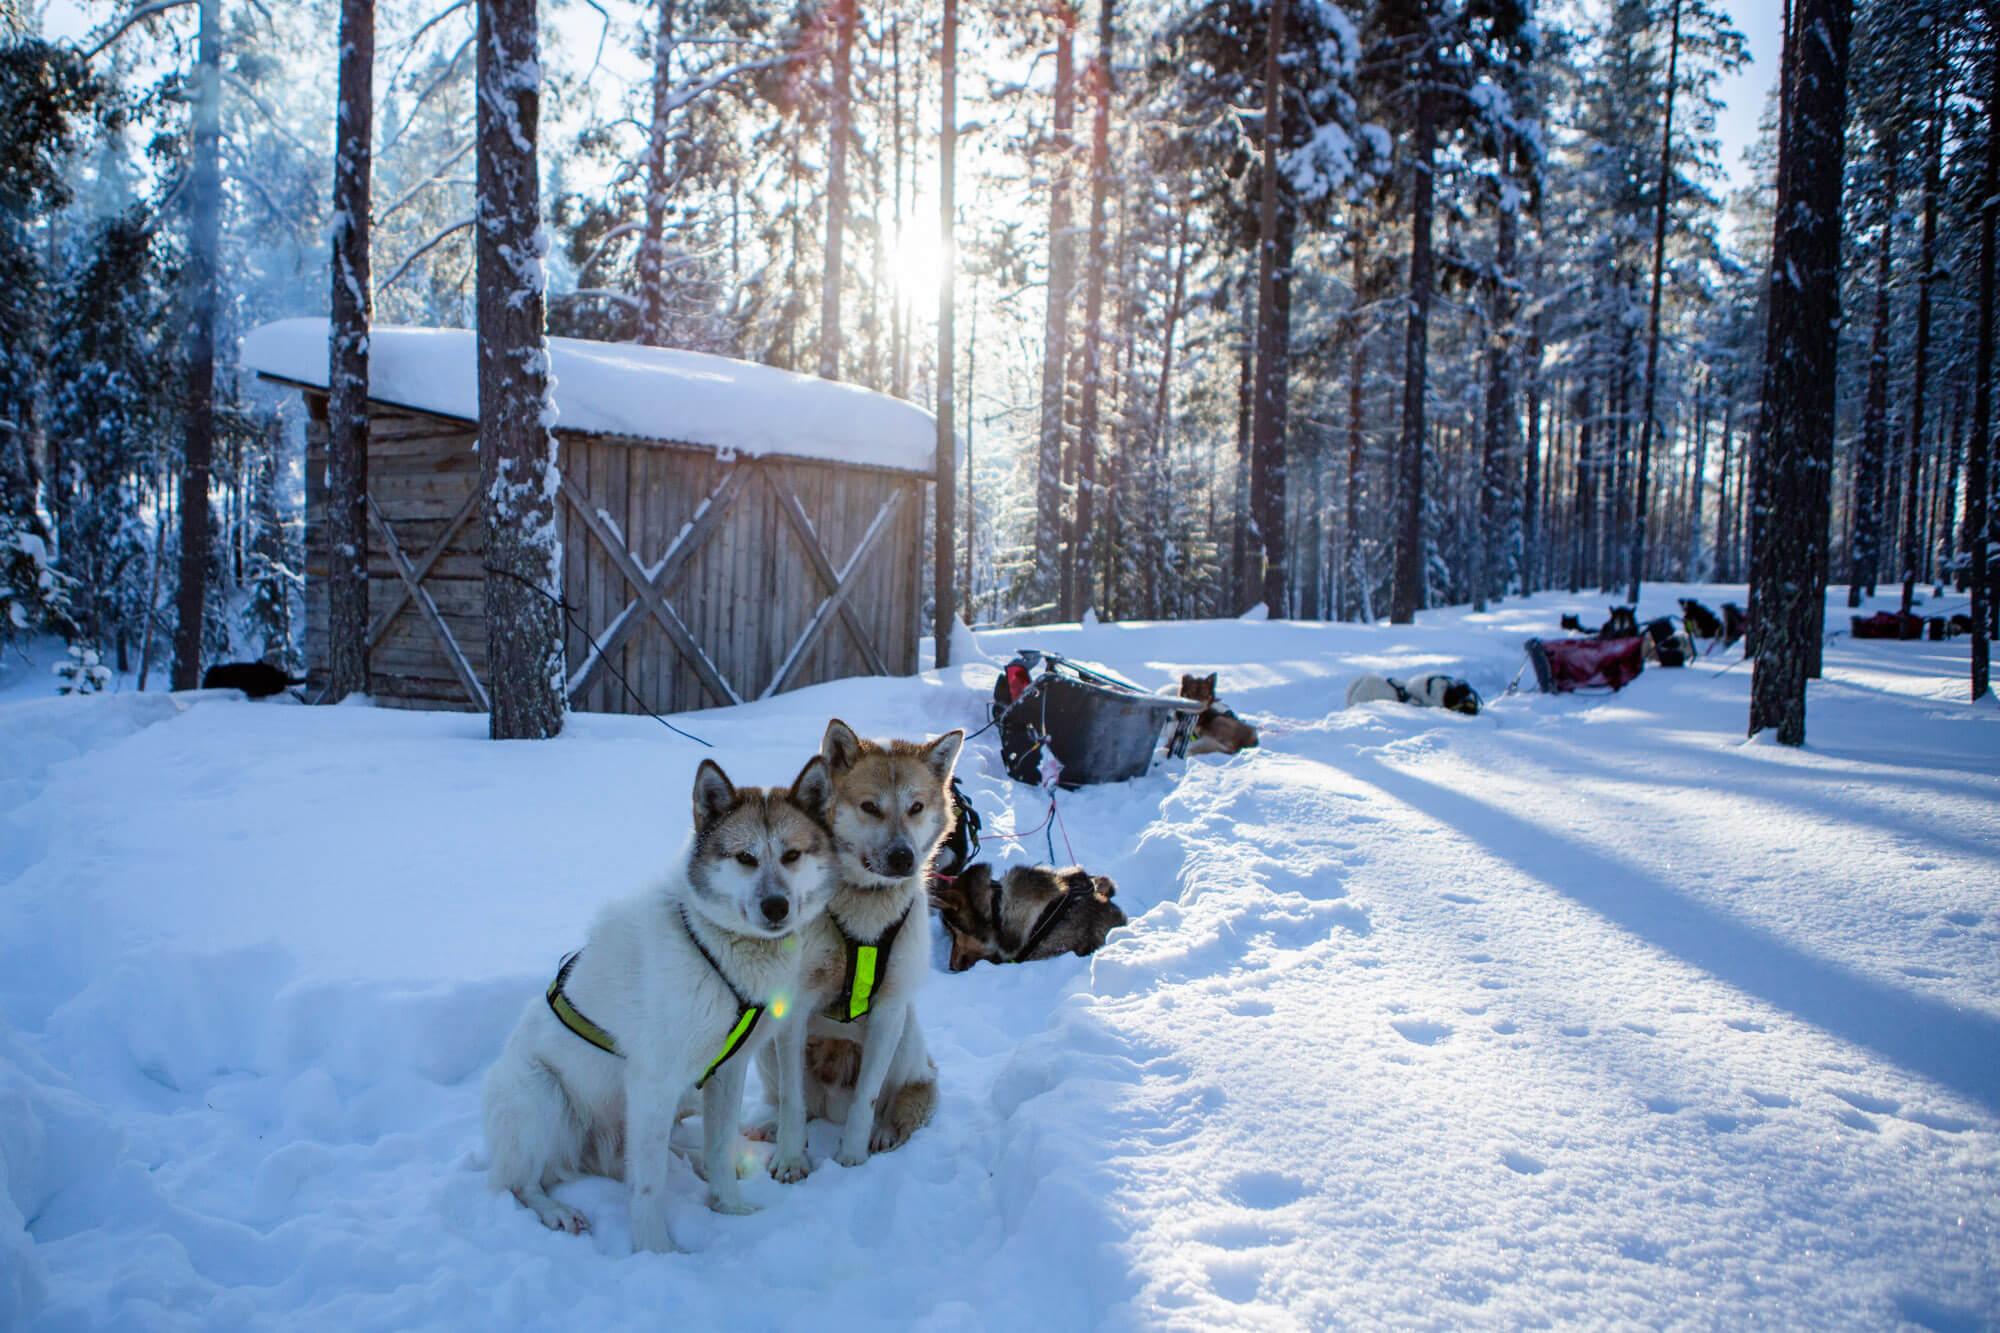 Attelade de chiens de traineaux parqués pendant la pause déjeuner en laponie suédoise